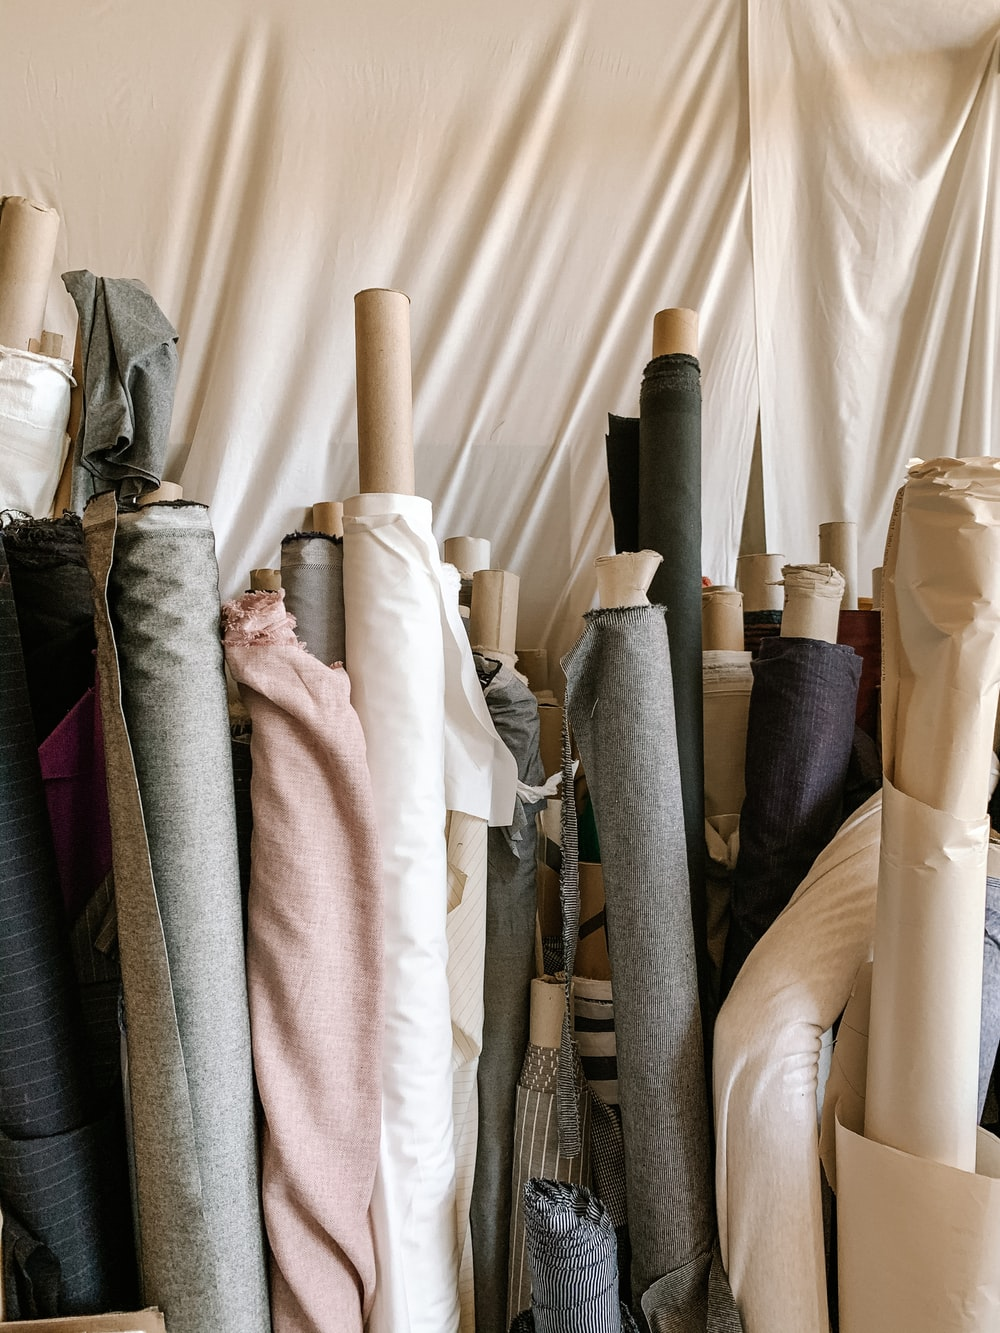 white and black textile on white textile